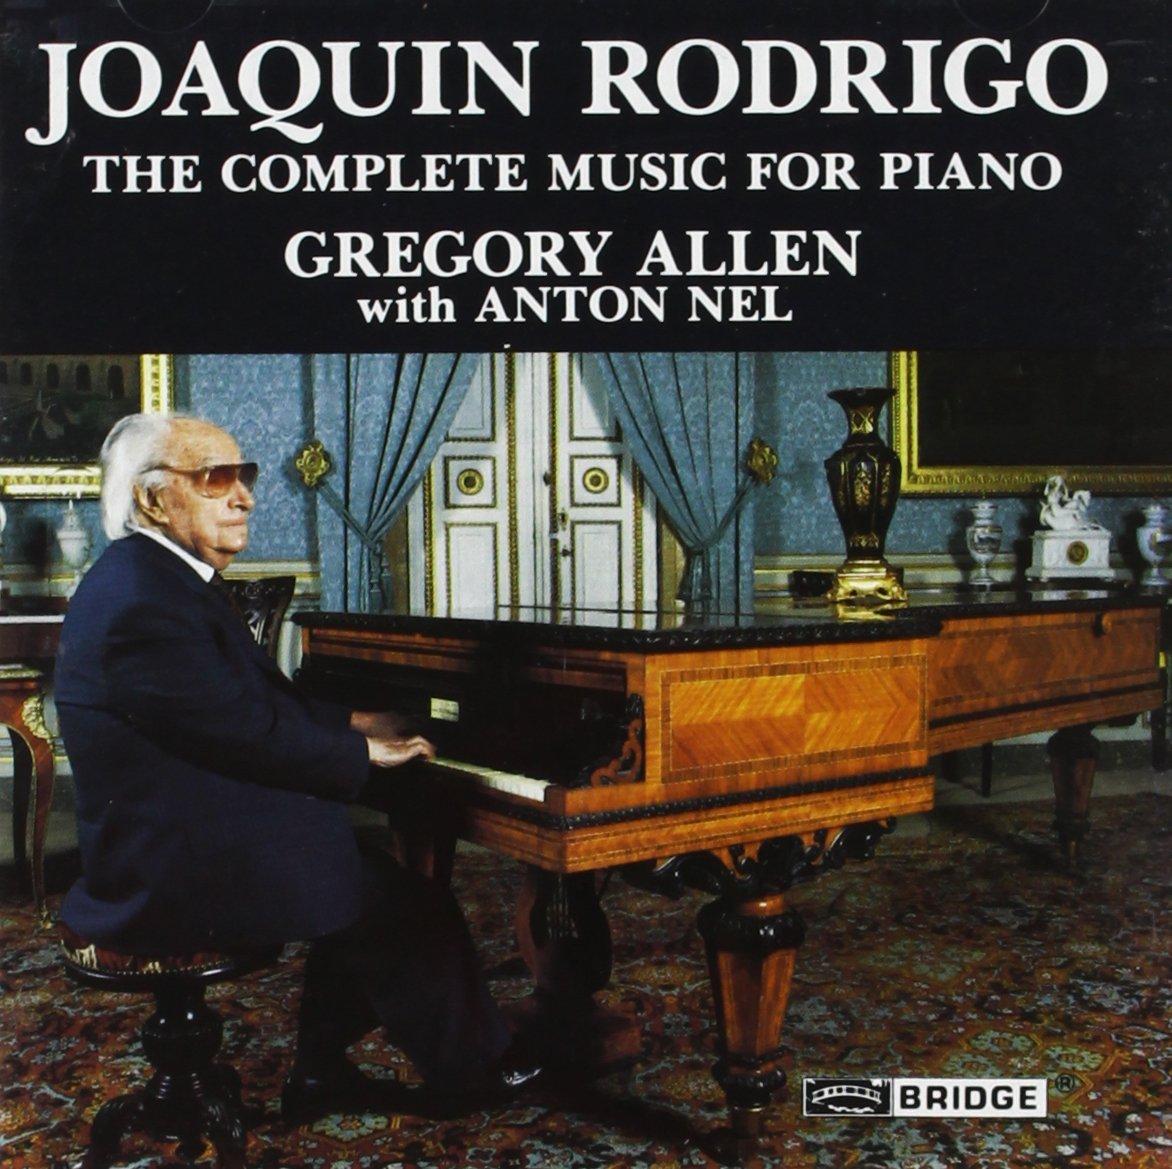 Joaquin Rodrigo: The Complete Music for Piano by Bridge